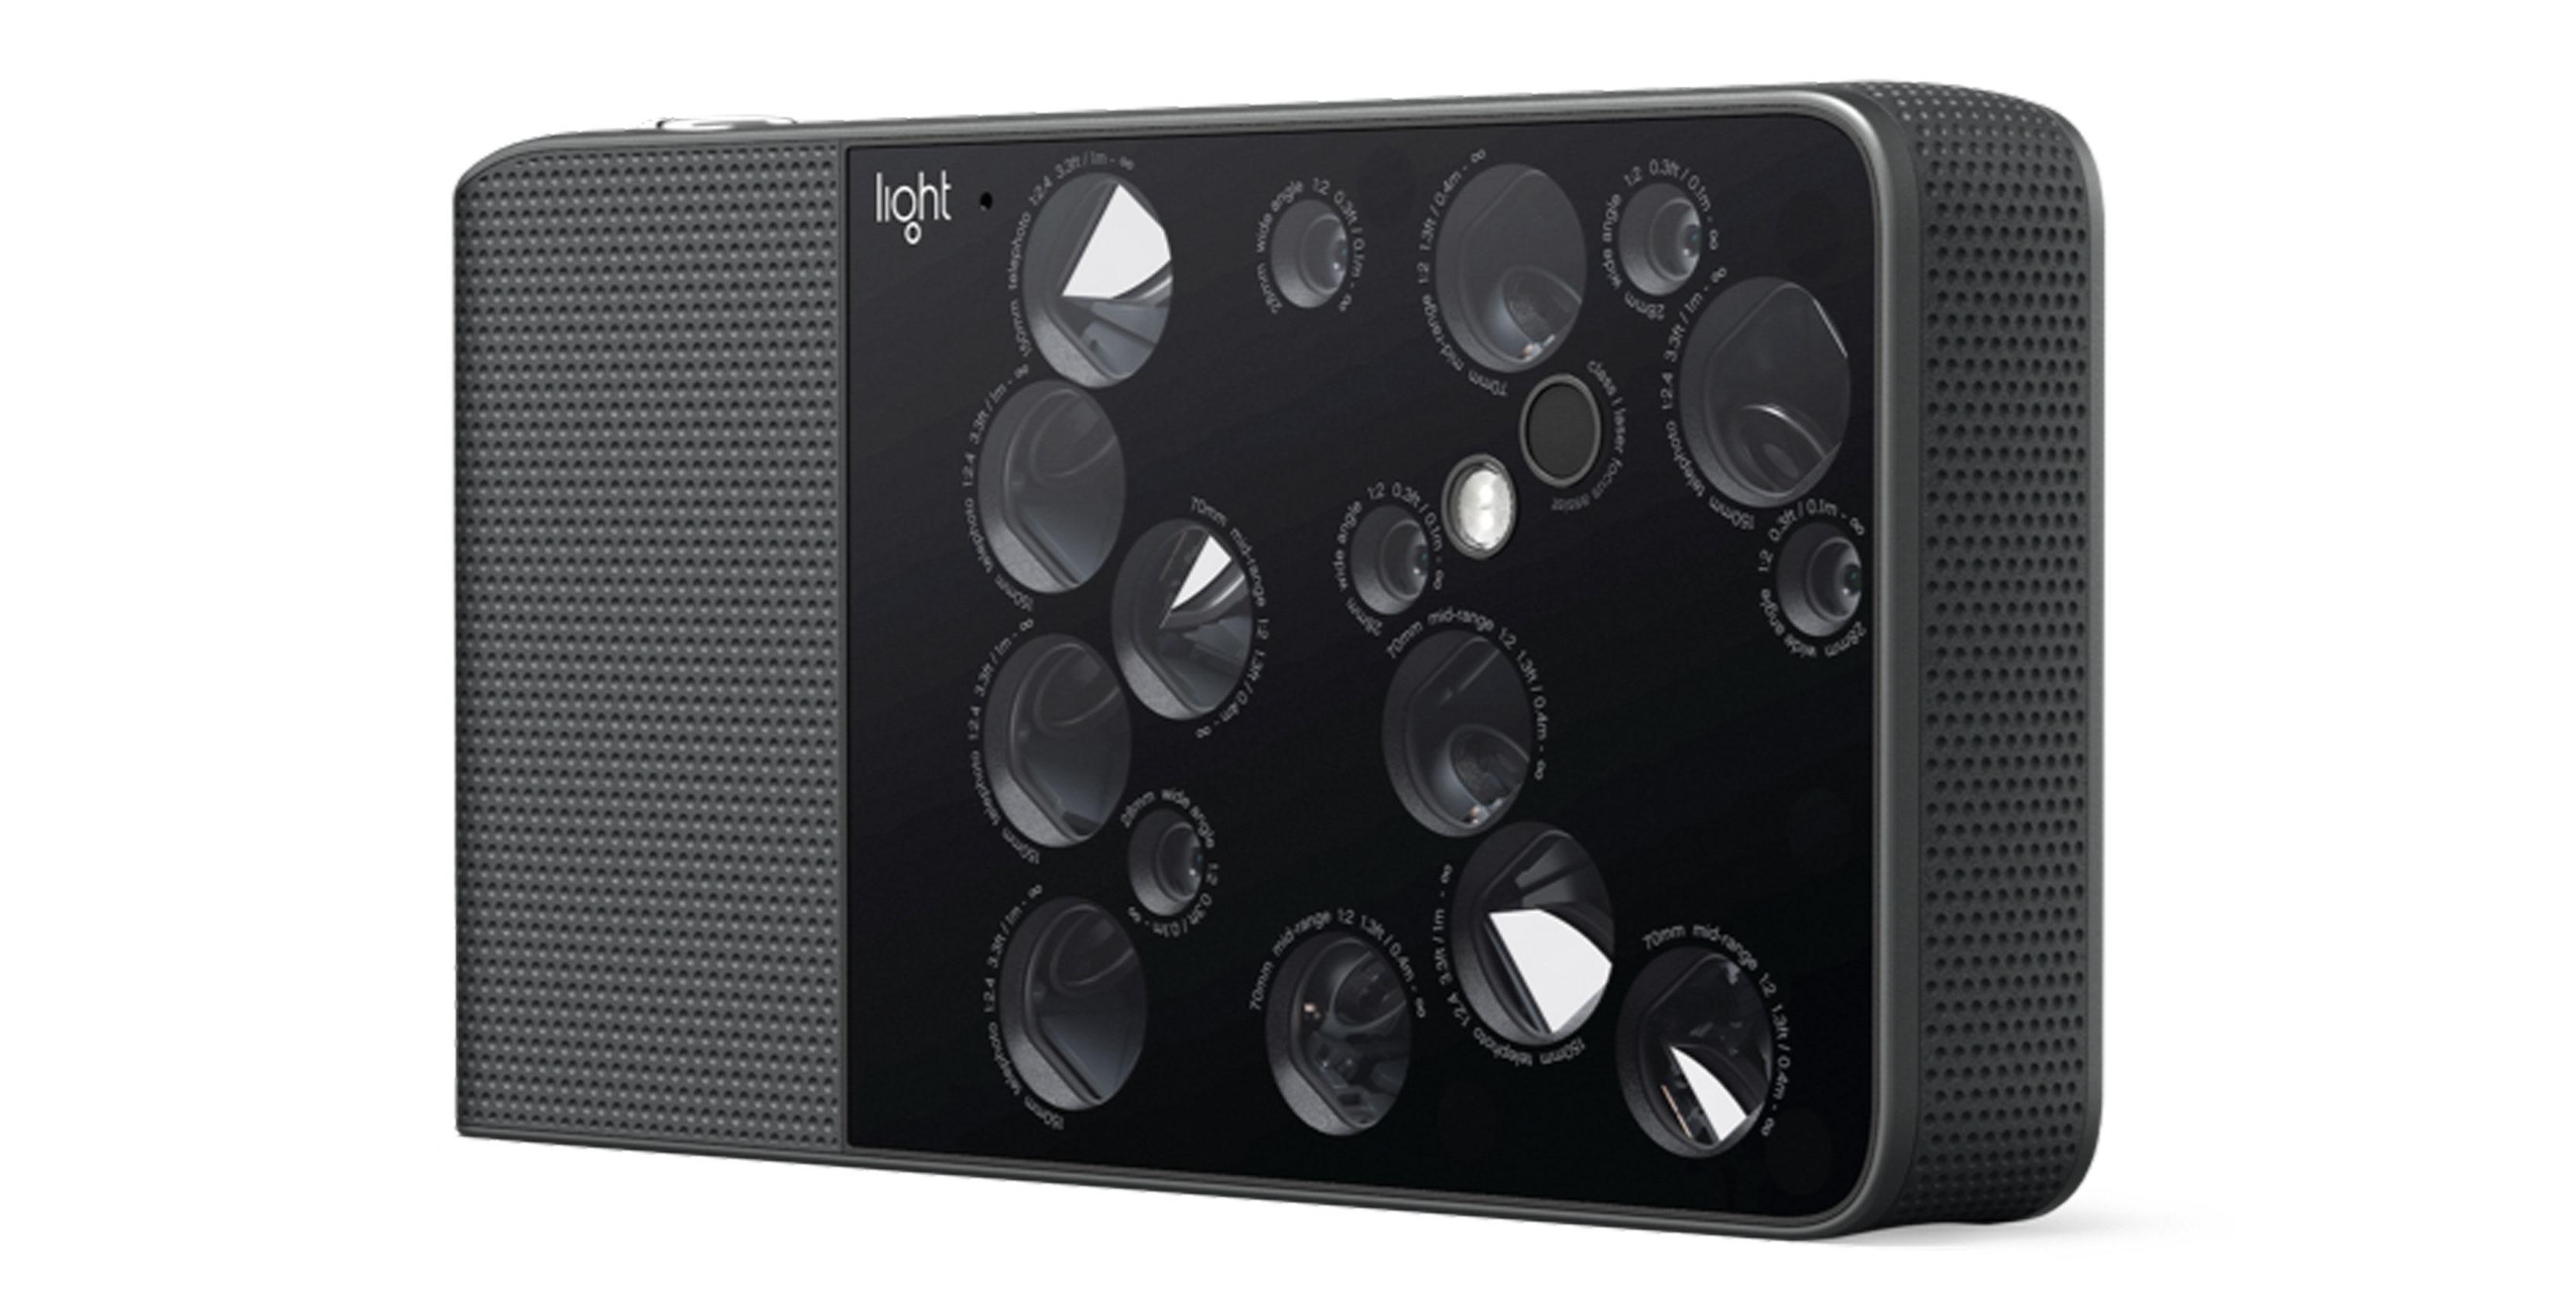 Light's L16 camera